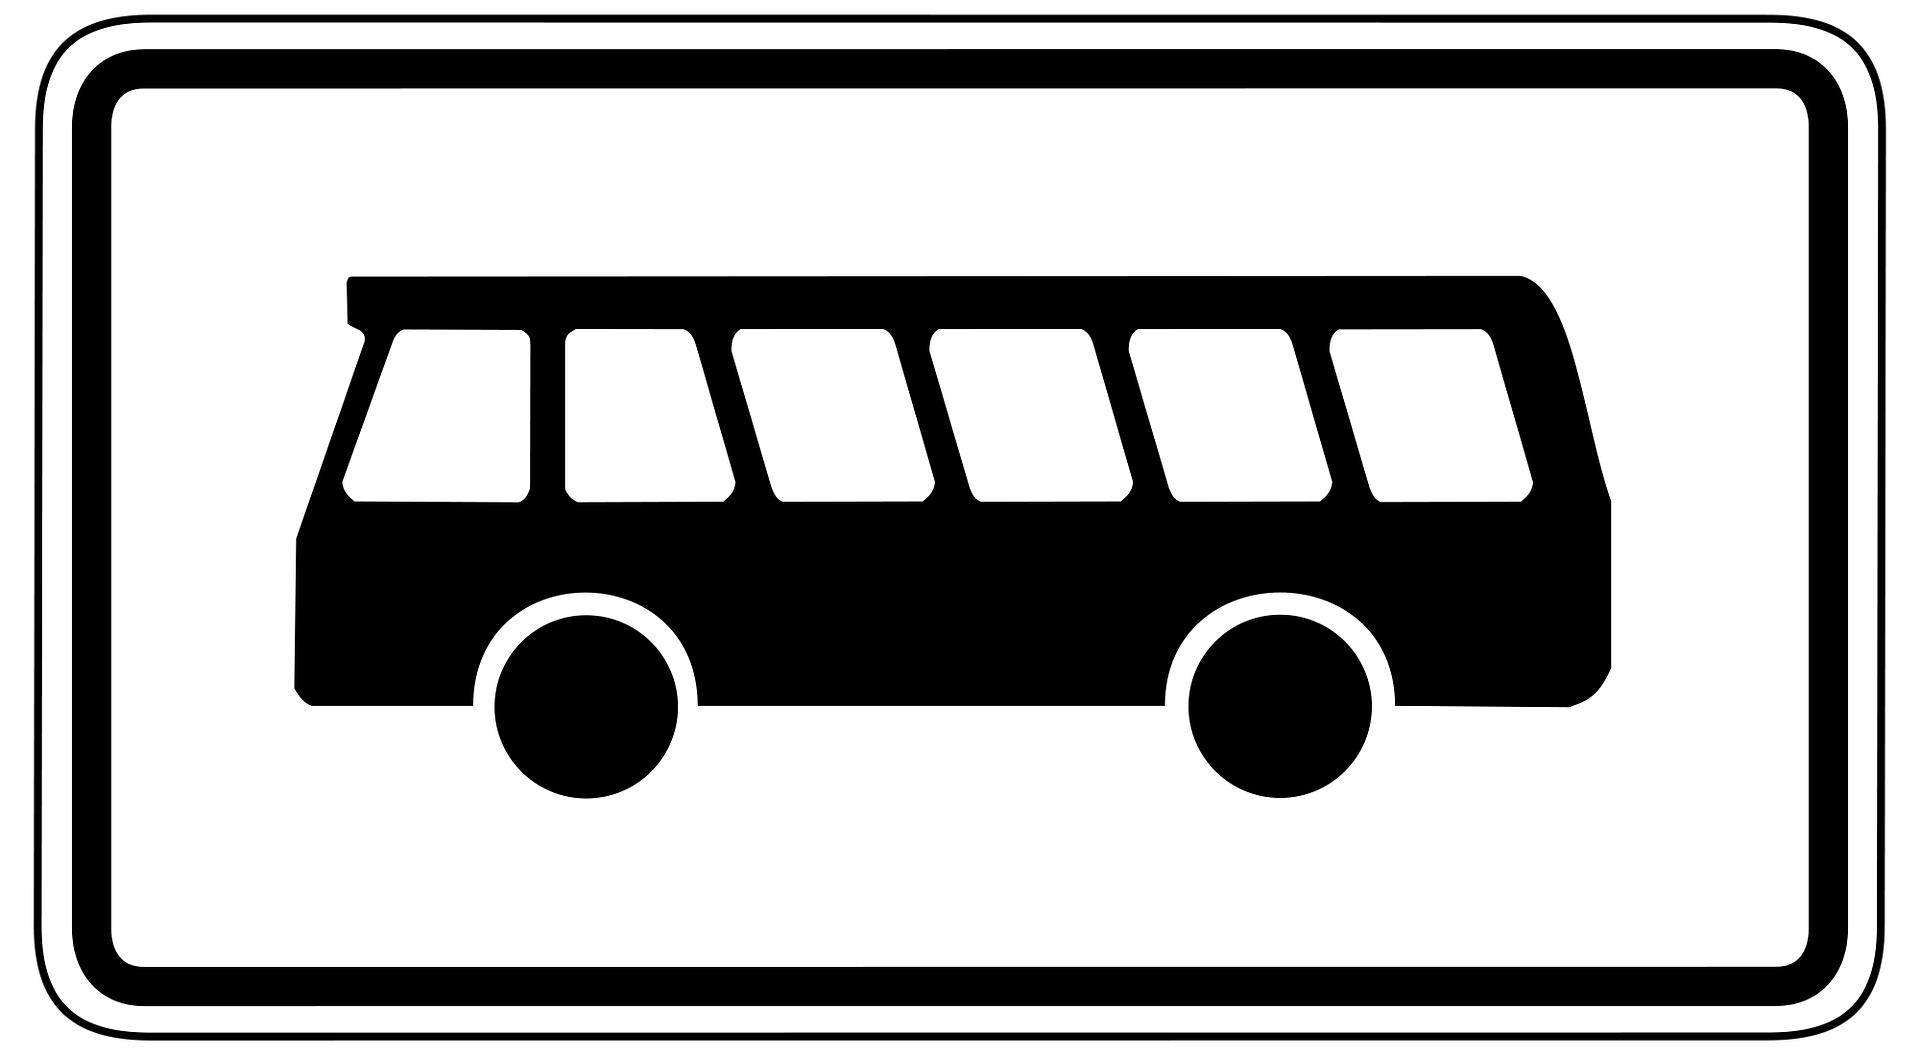 NUR HEUTE: Kostenloser Busnahverkehr testen für neue Buslinien ab 1. August (Rems-Murr-Kreis [] Raum Stuttgart)